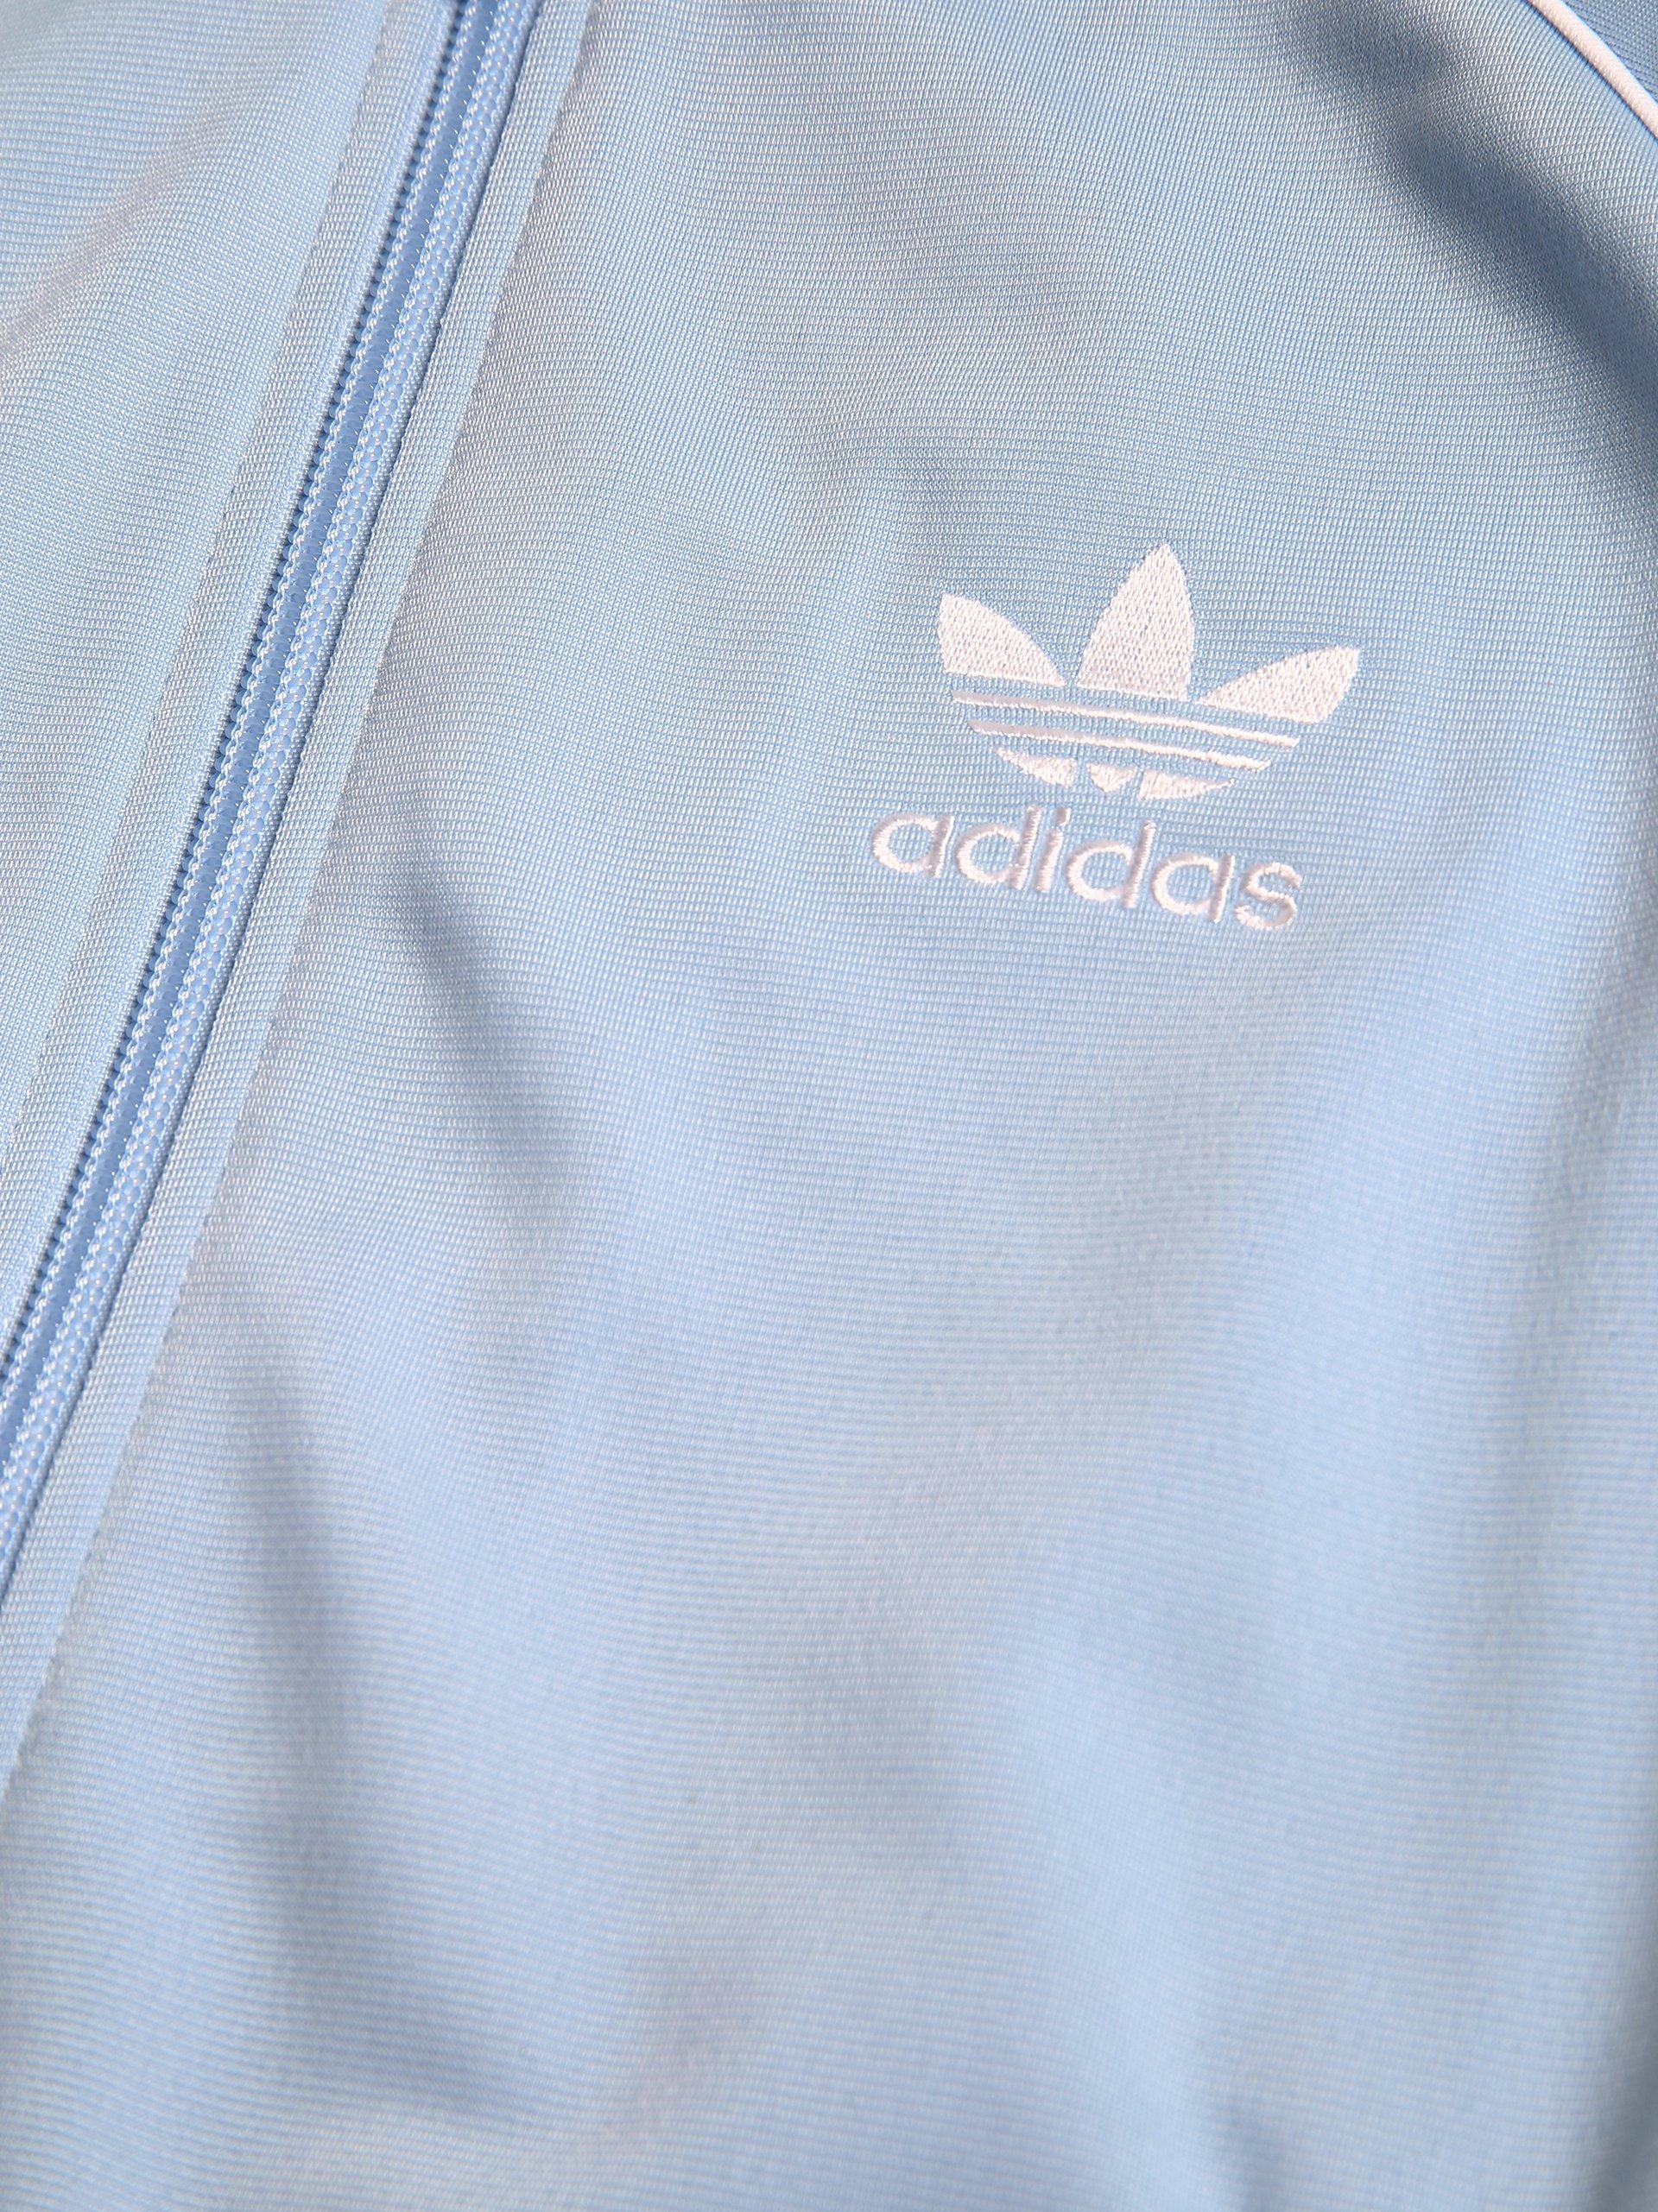 adidas Originals Mädchen Sweatjacke